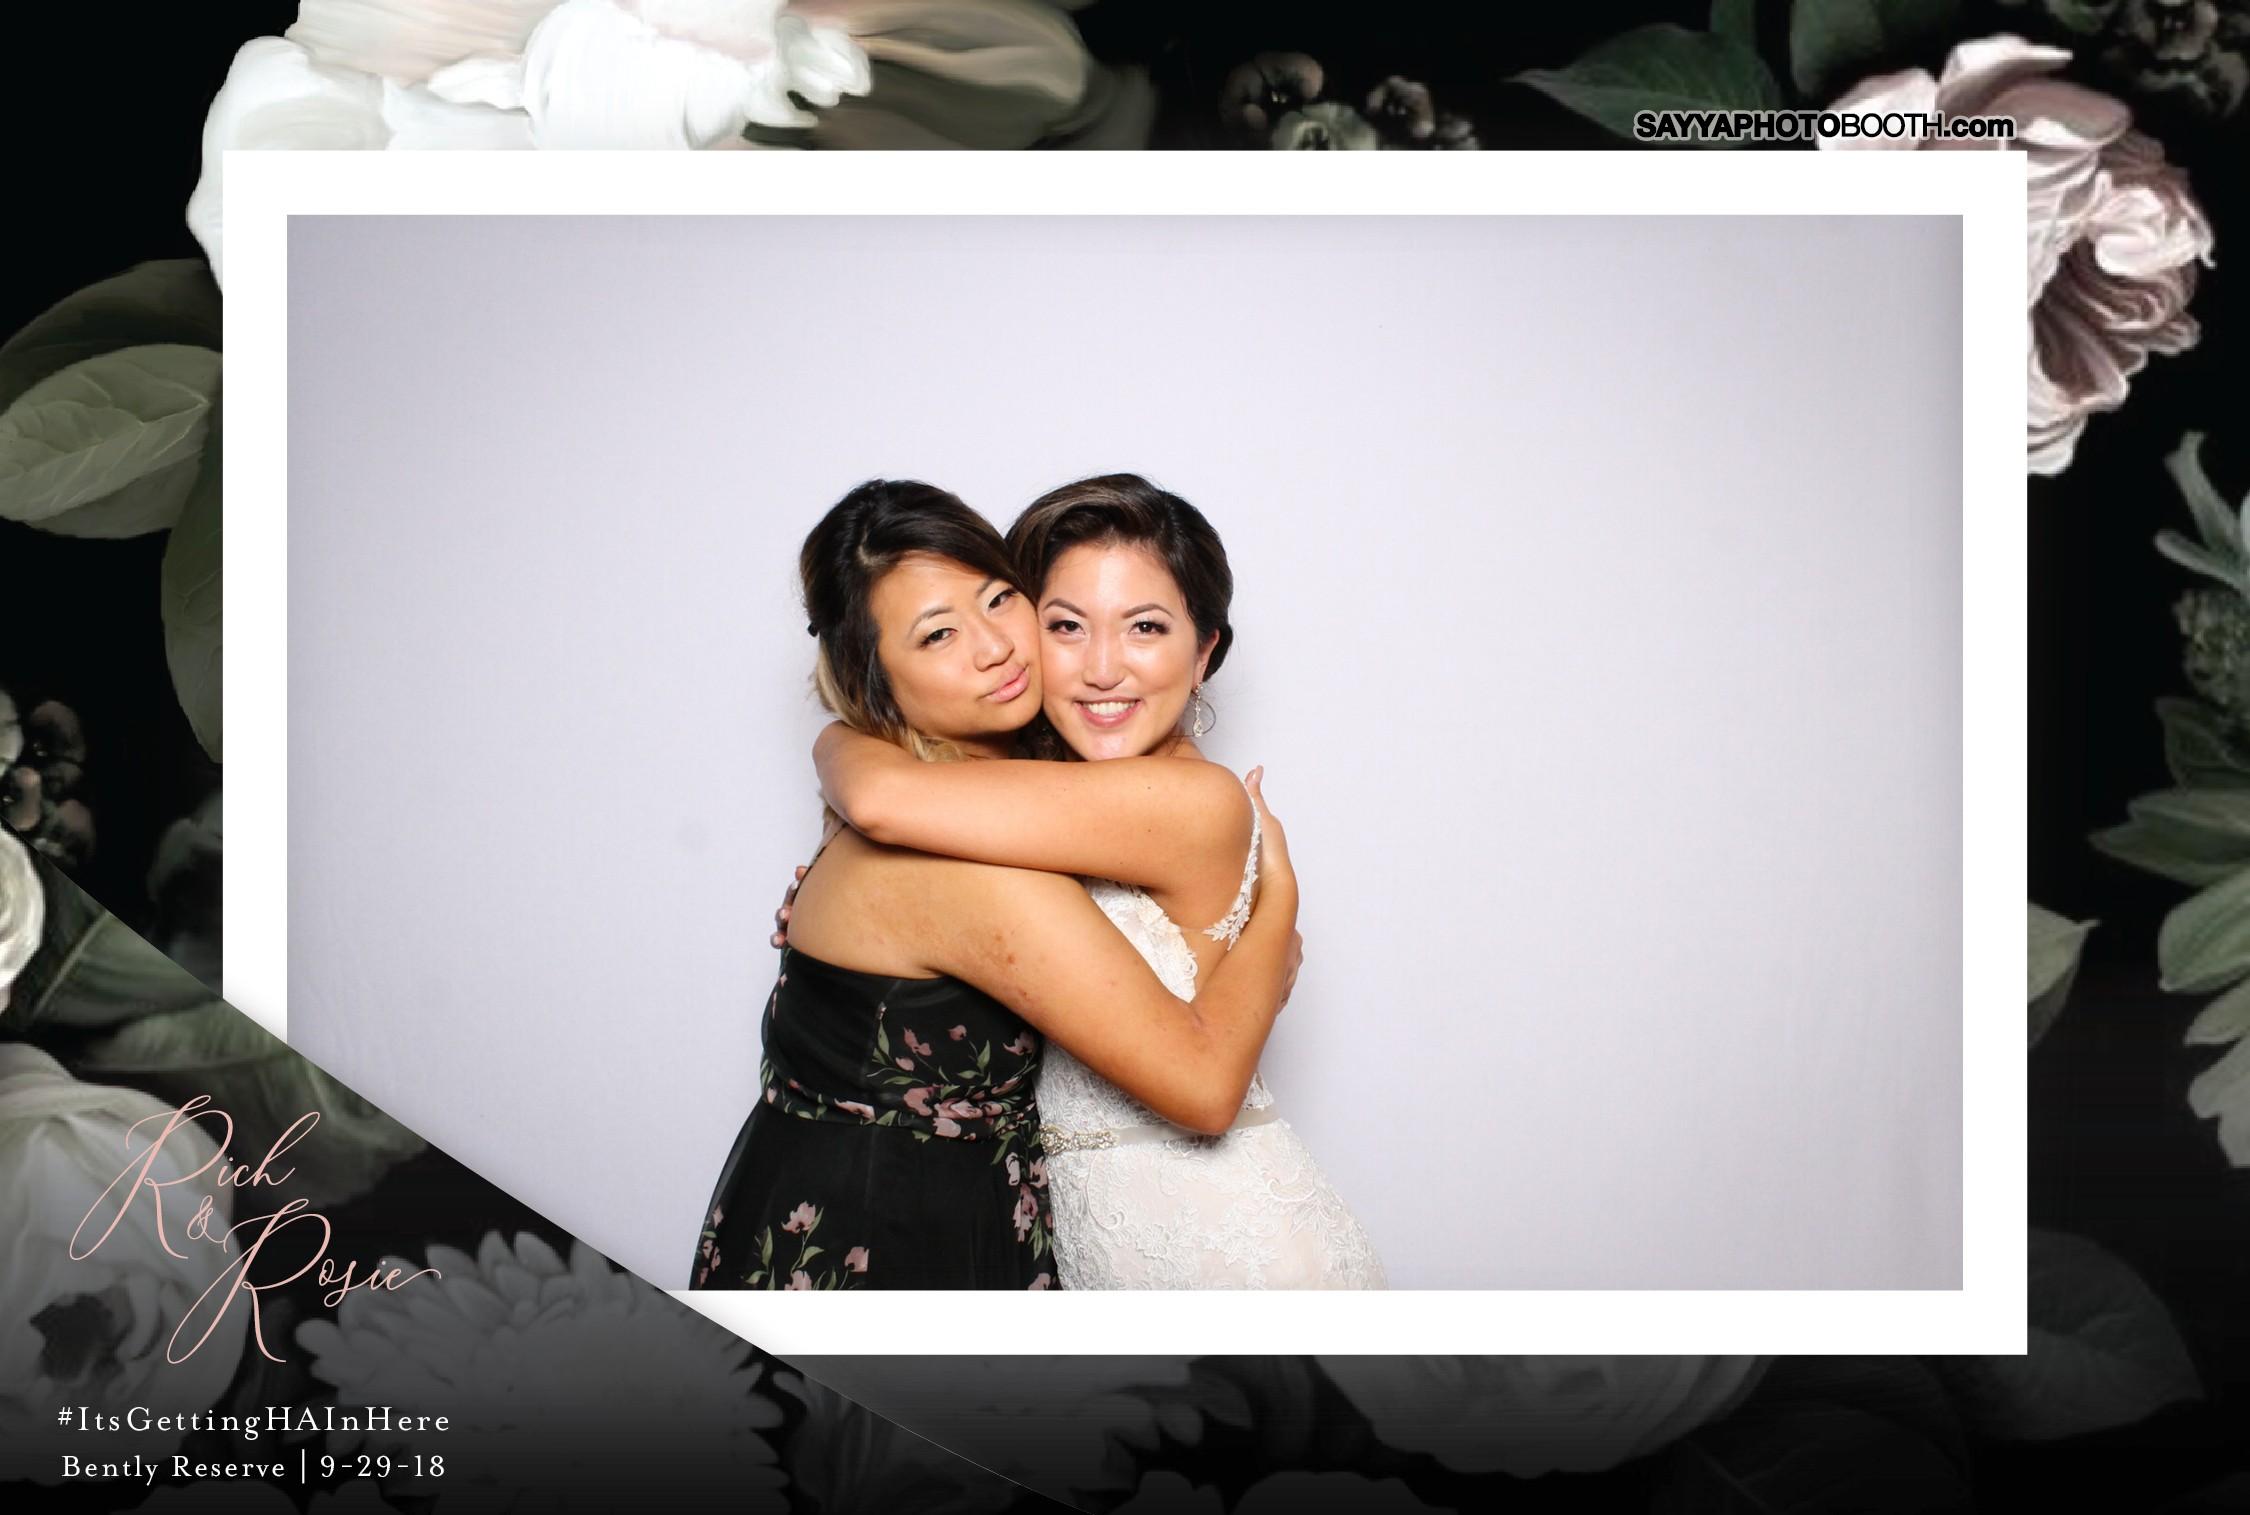 Rosie and Rich's Wedding